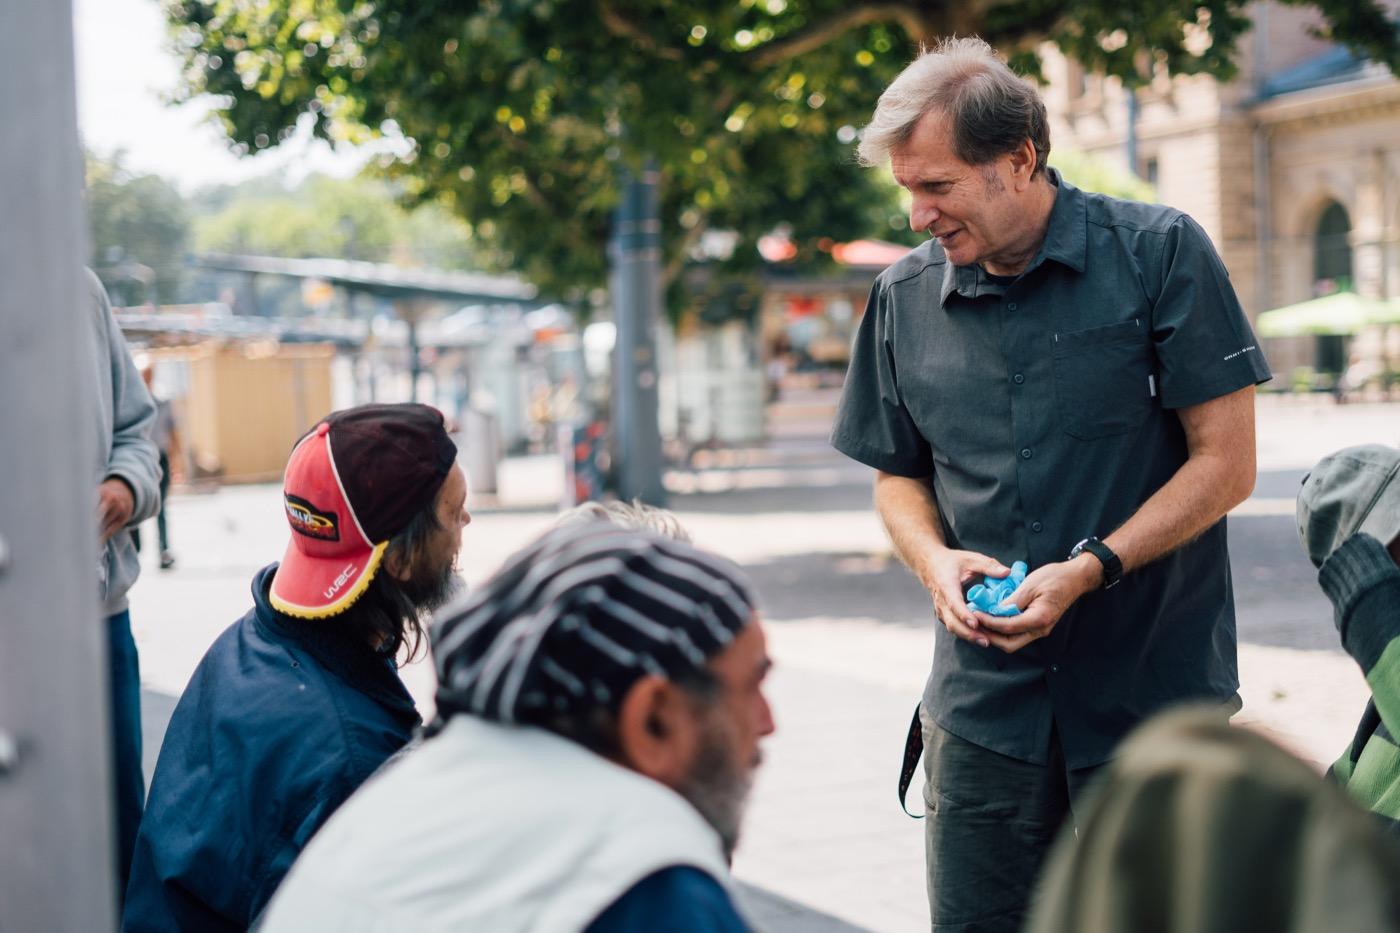 Mobile Sprechstunde auf dem Vorplatz des Mainzer Bahnhofes.